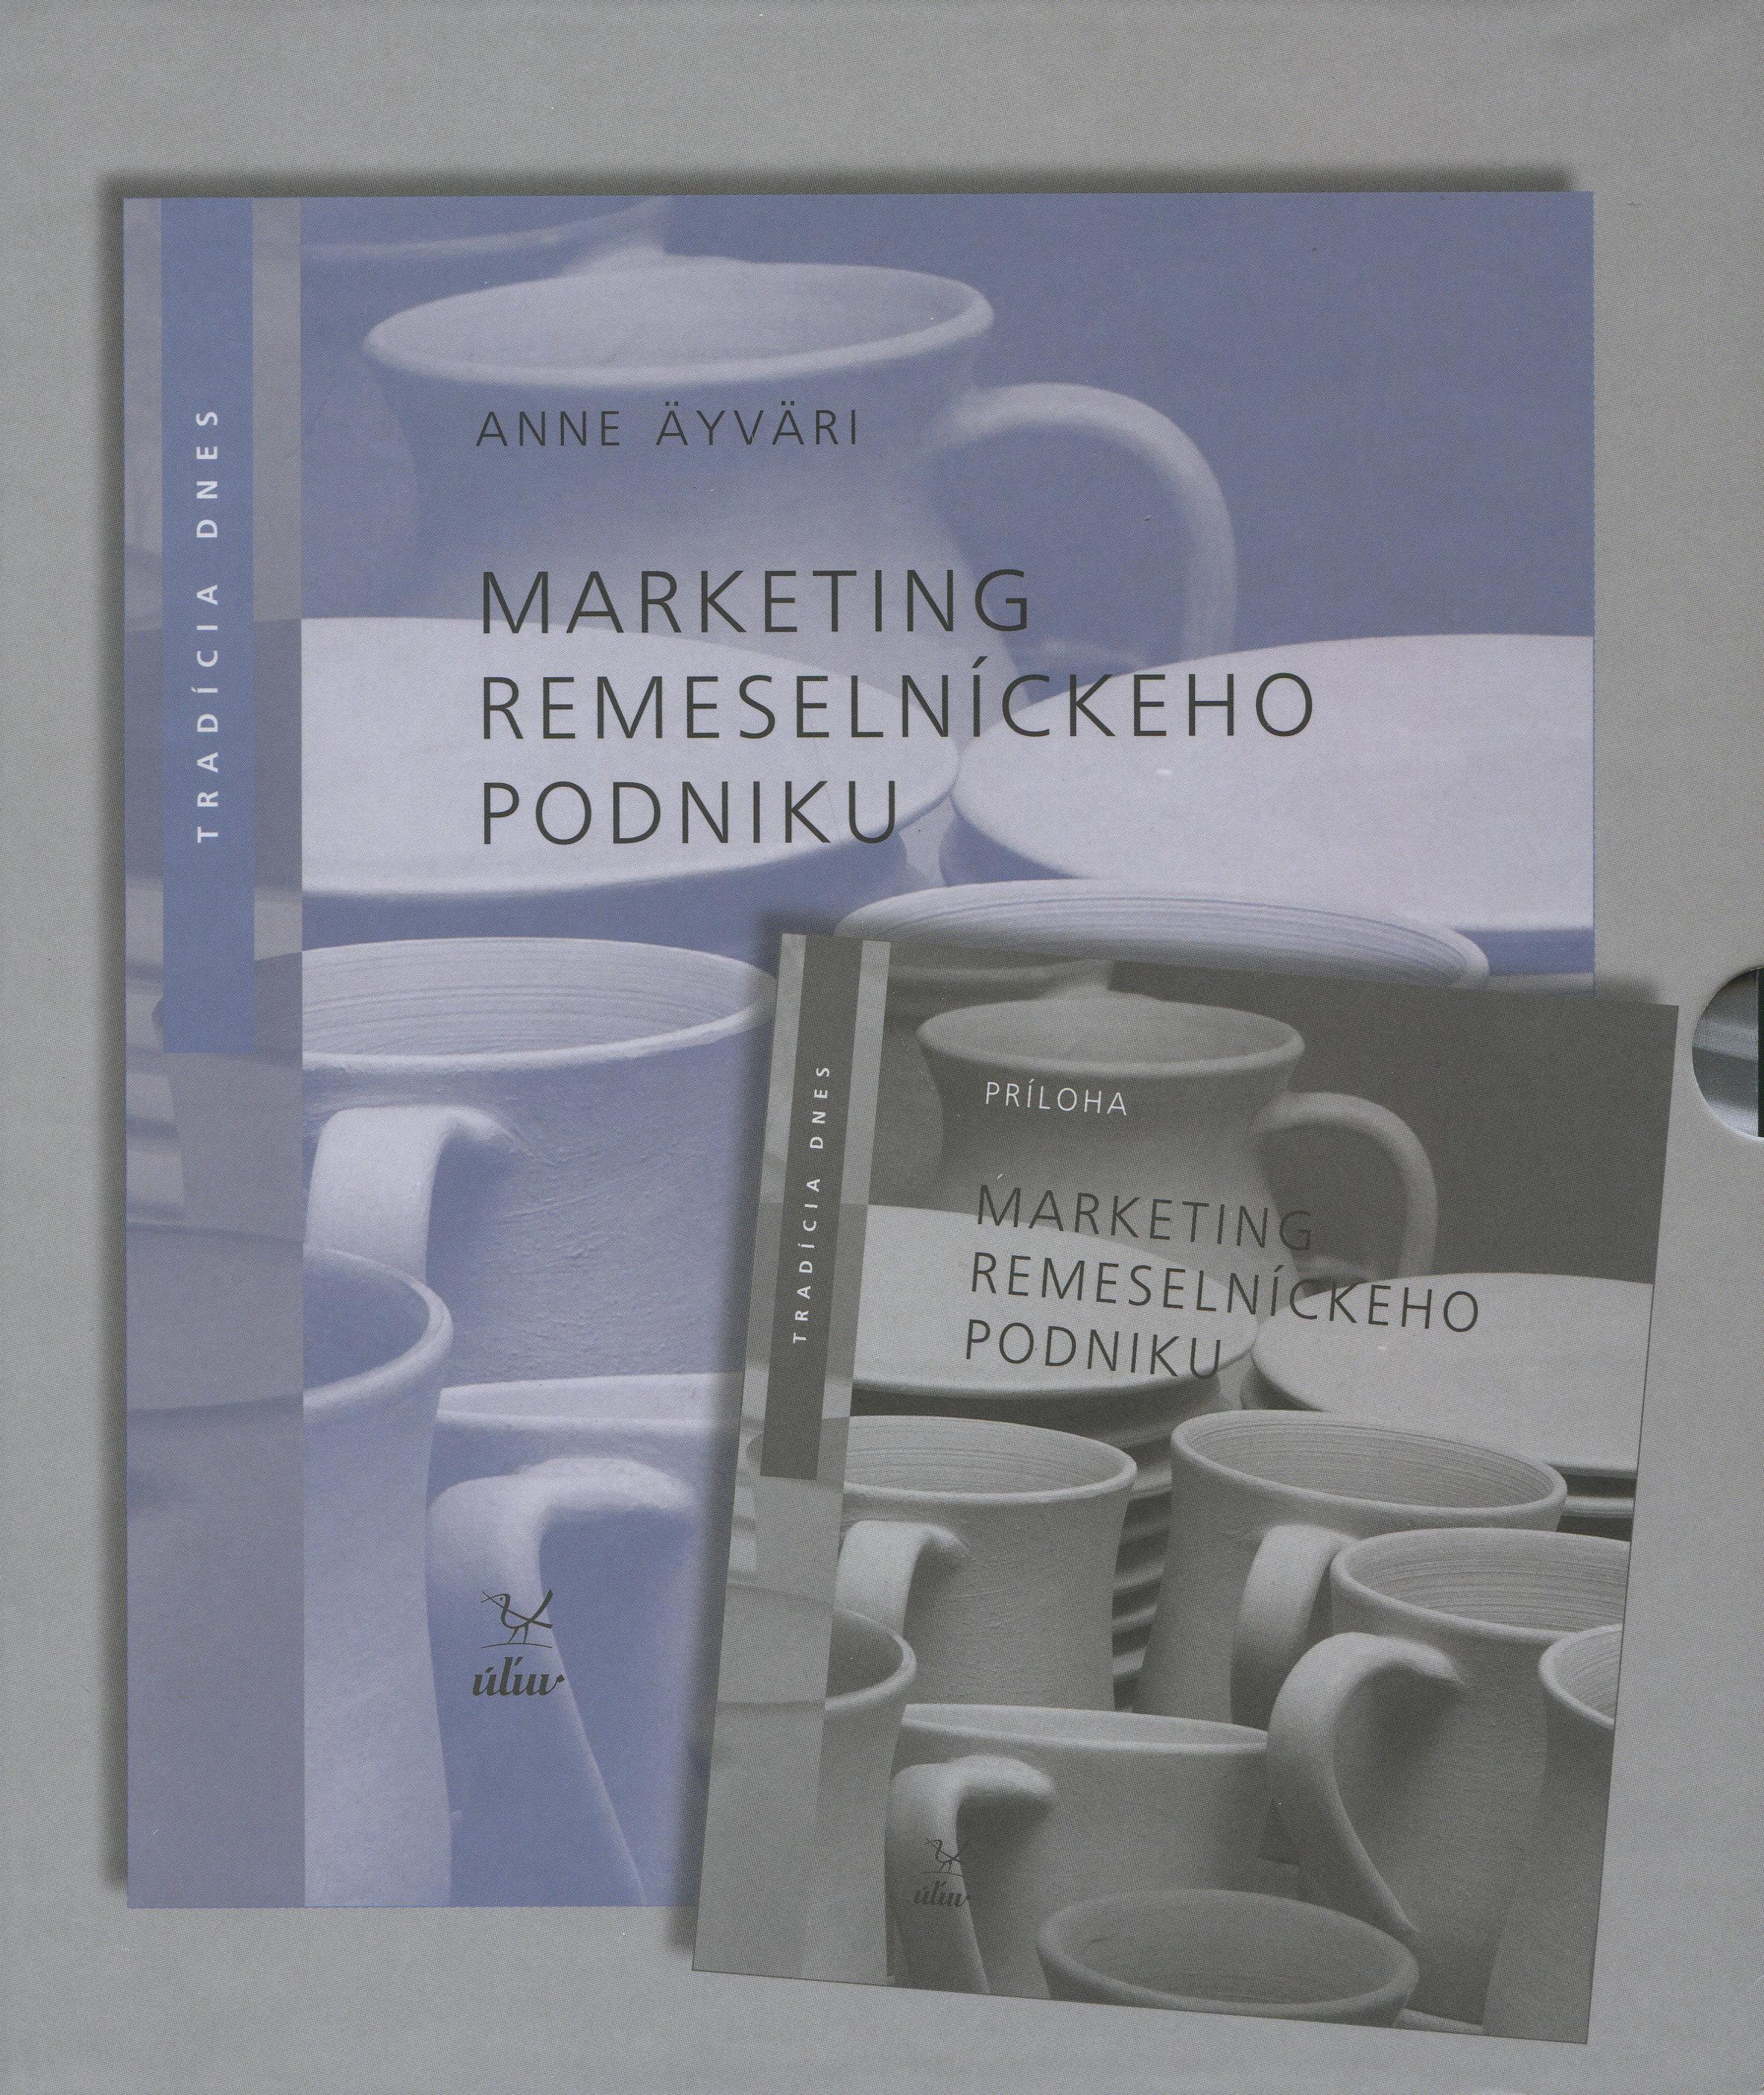 Marketing remeselníckeho podniku/Výroba remeselníckeho podniku